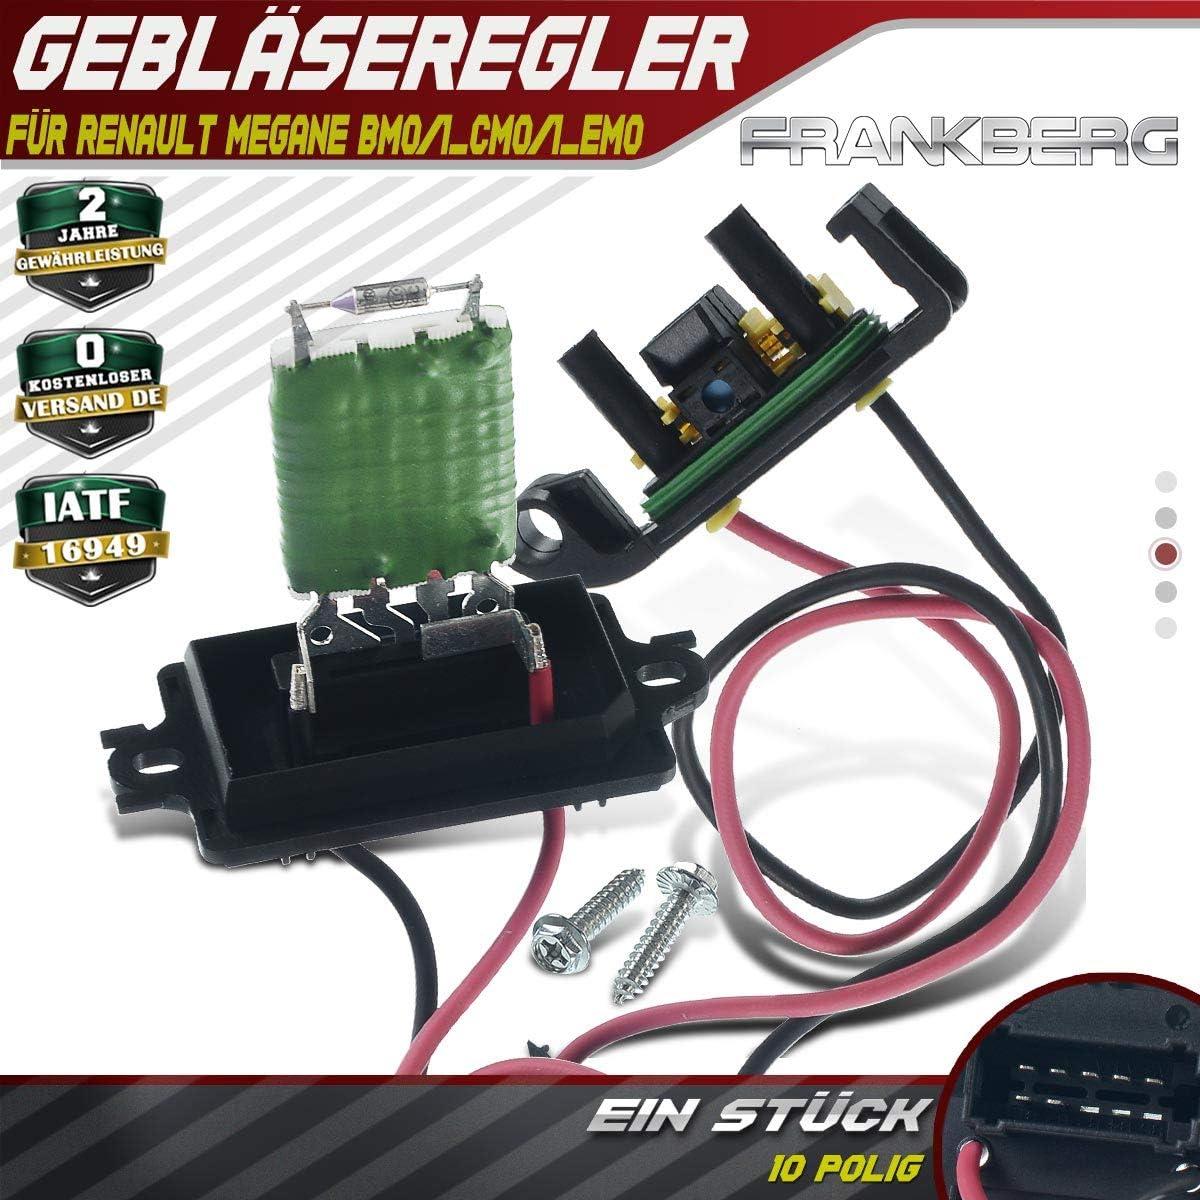 Regulador de resistencia para Megane II BM0/1 CM0/1 EM0/1 KM0/1 ...